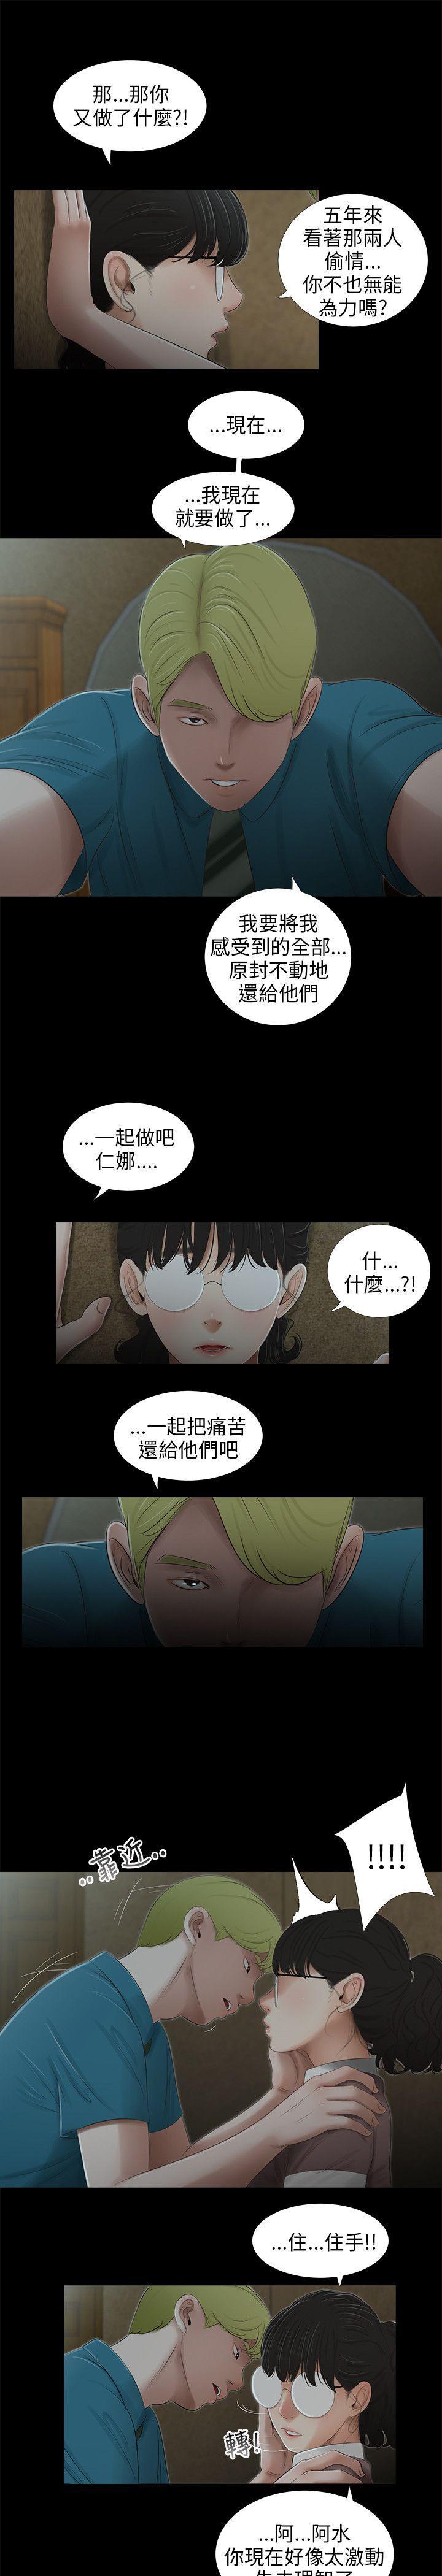 三姐妹 47-50 Chinese 9